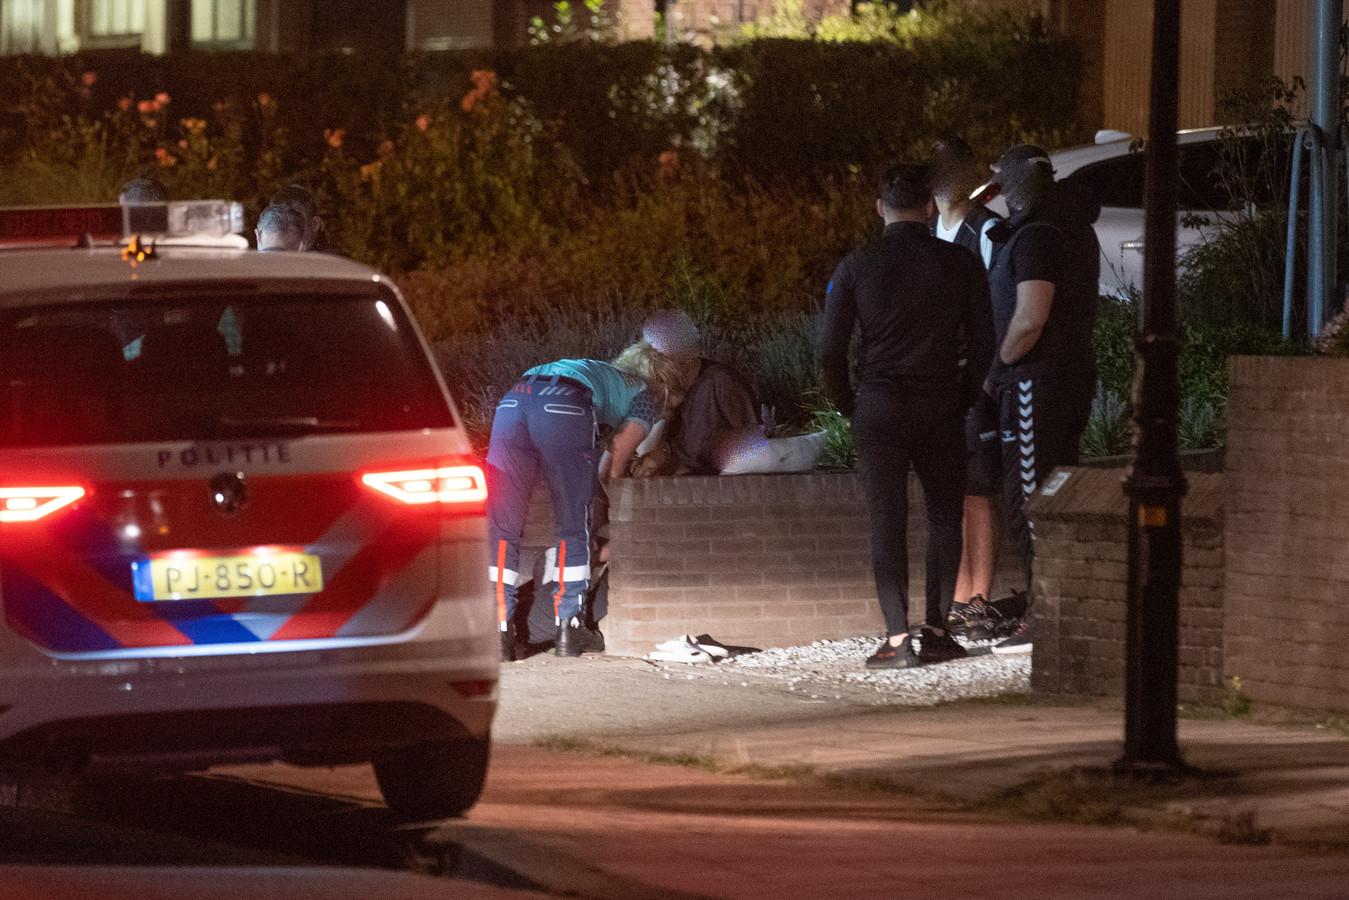 Op de Welle in Deventer is een voetganger aangereden, waarna de dader is doorgereden.